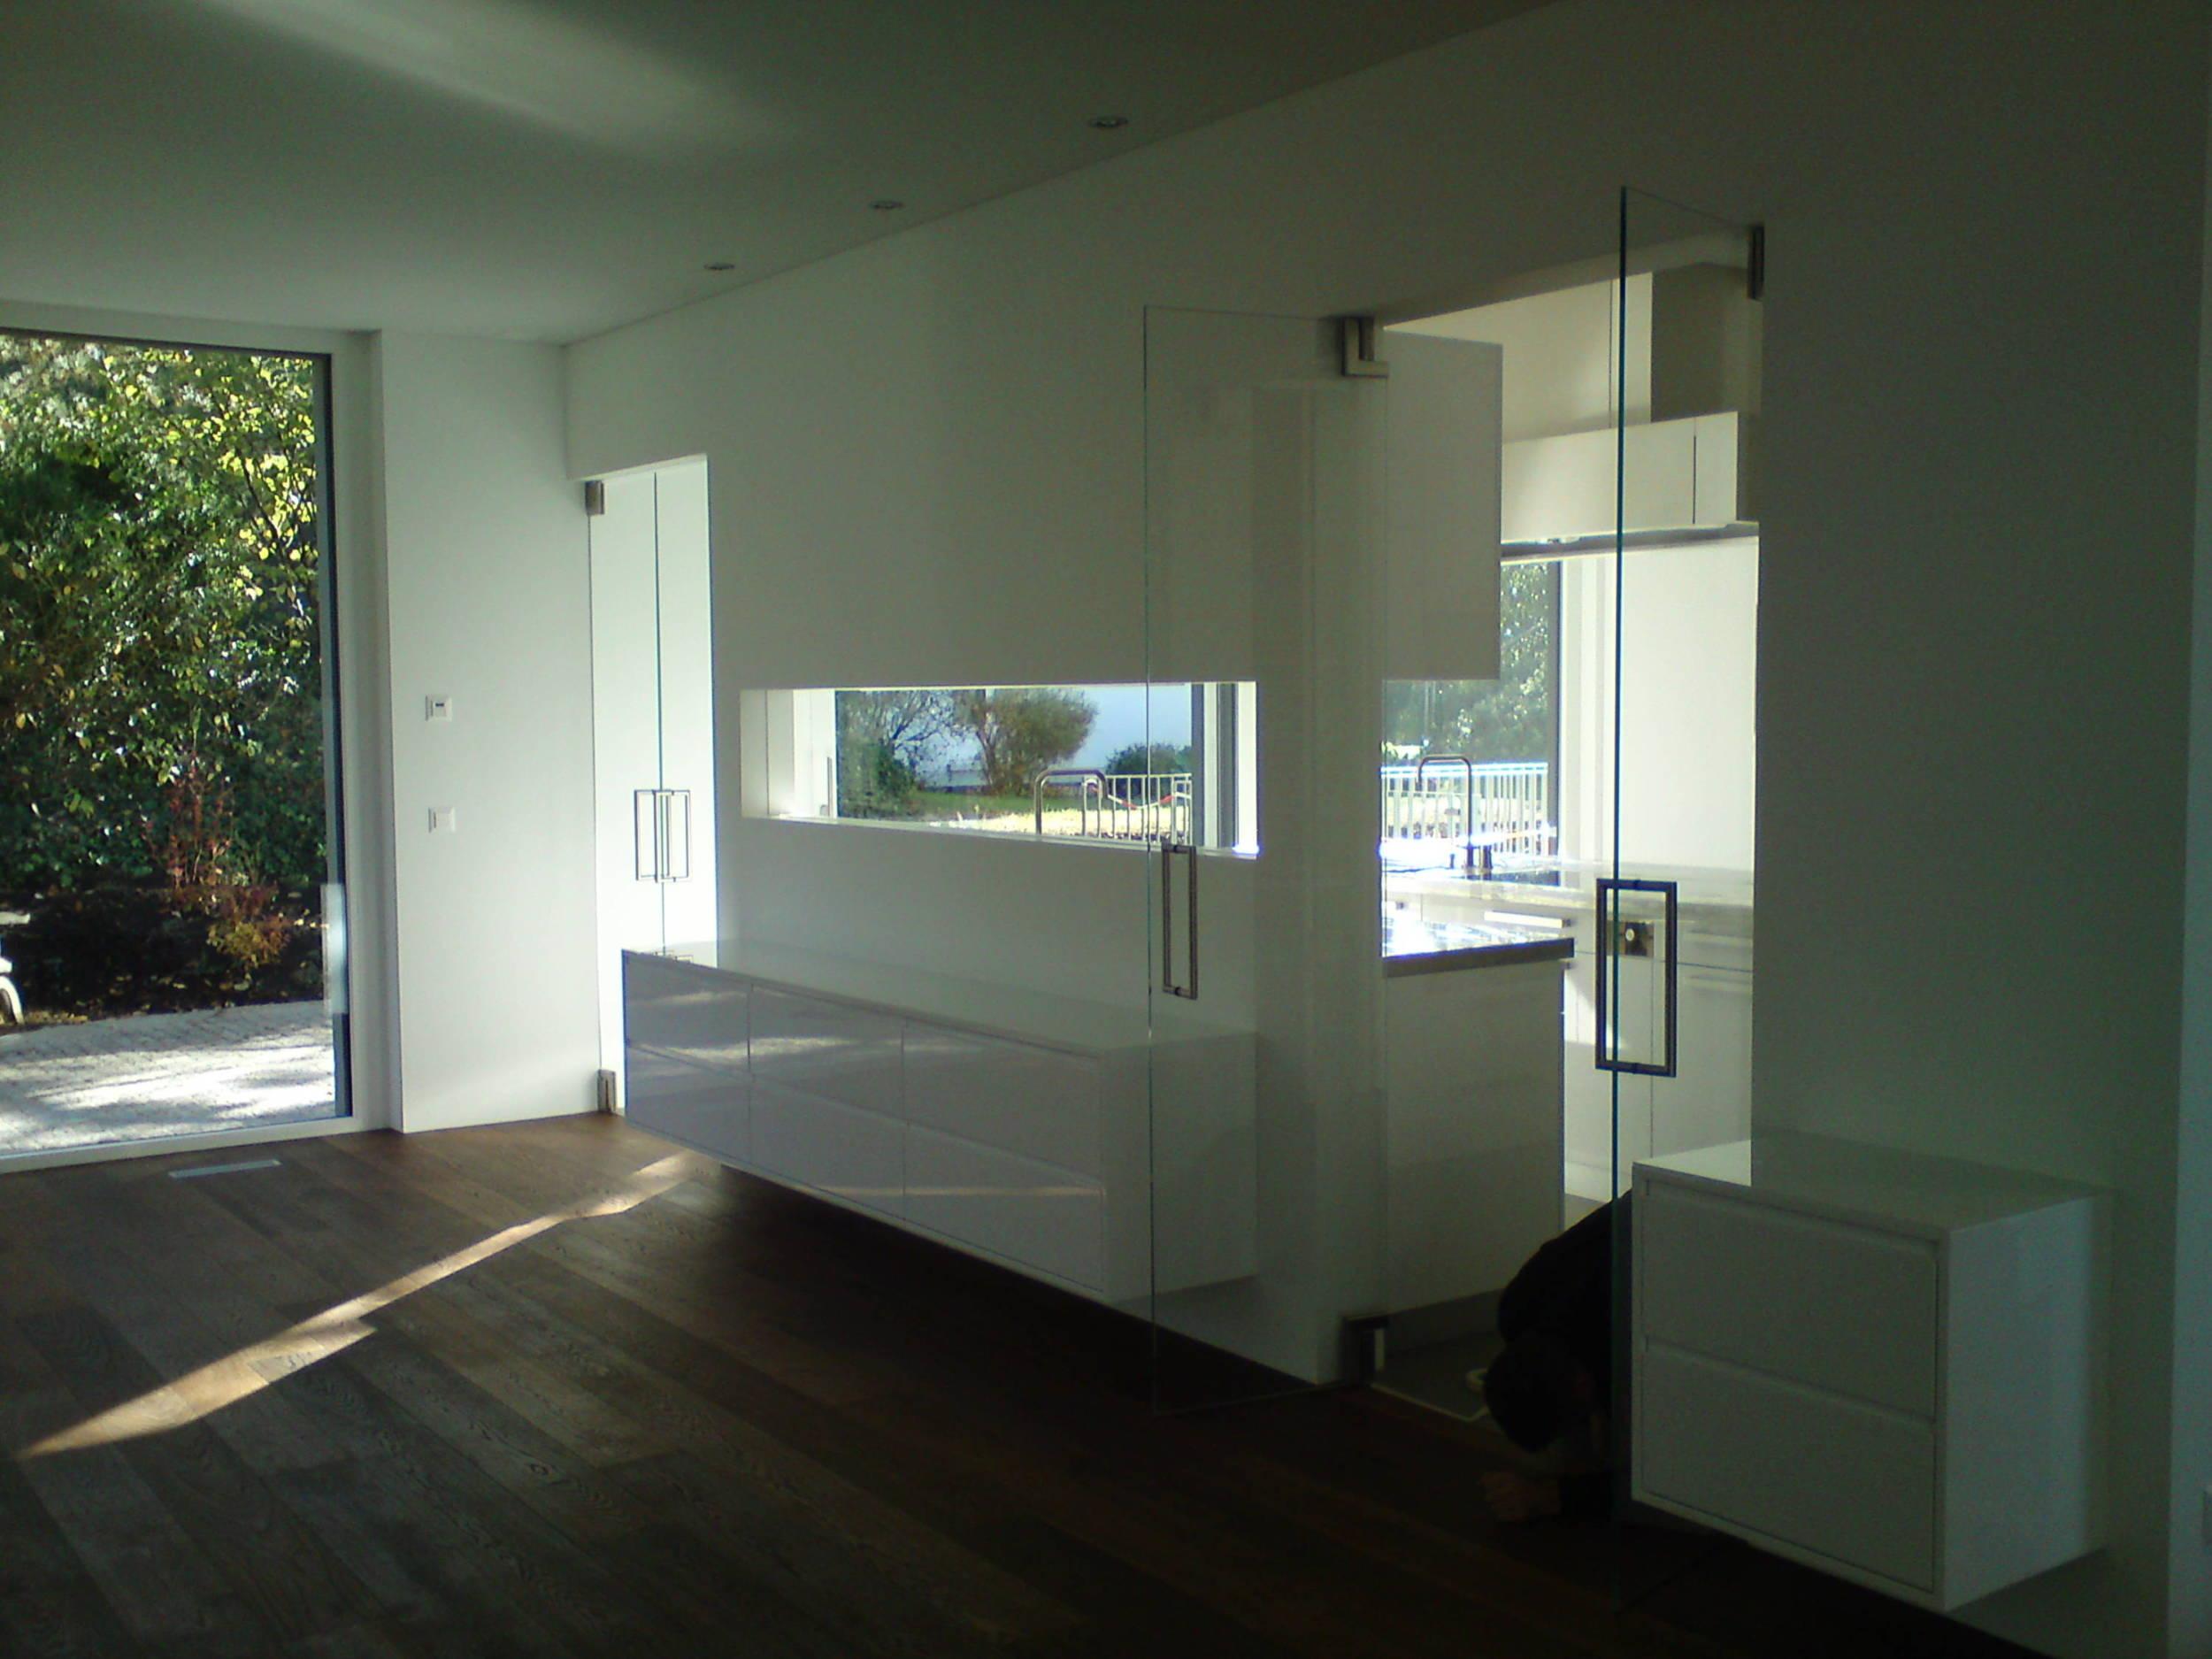 sanit r aus glas demenga glas ag. Black Bedroom Furniture Sets. Home Design Ideas